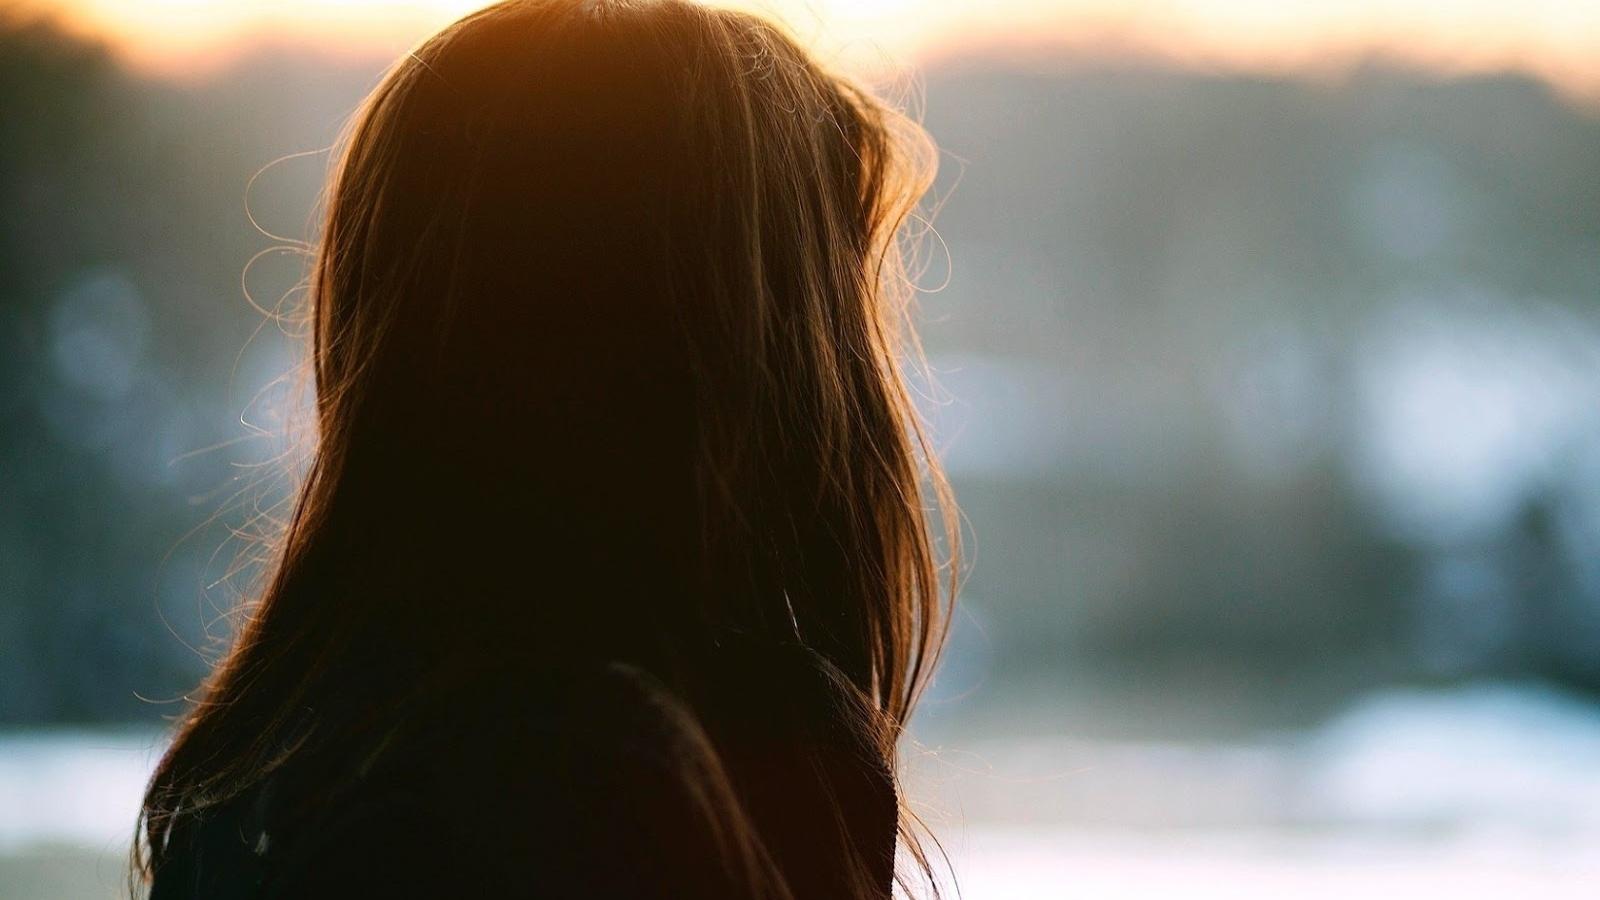 Đời người luôn có 2 chuyện không thể đợi, 2 việc không thể sợ và 2 việc không thể lựa chọn